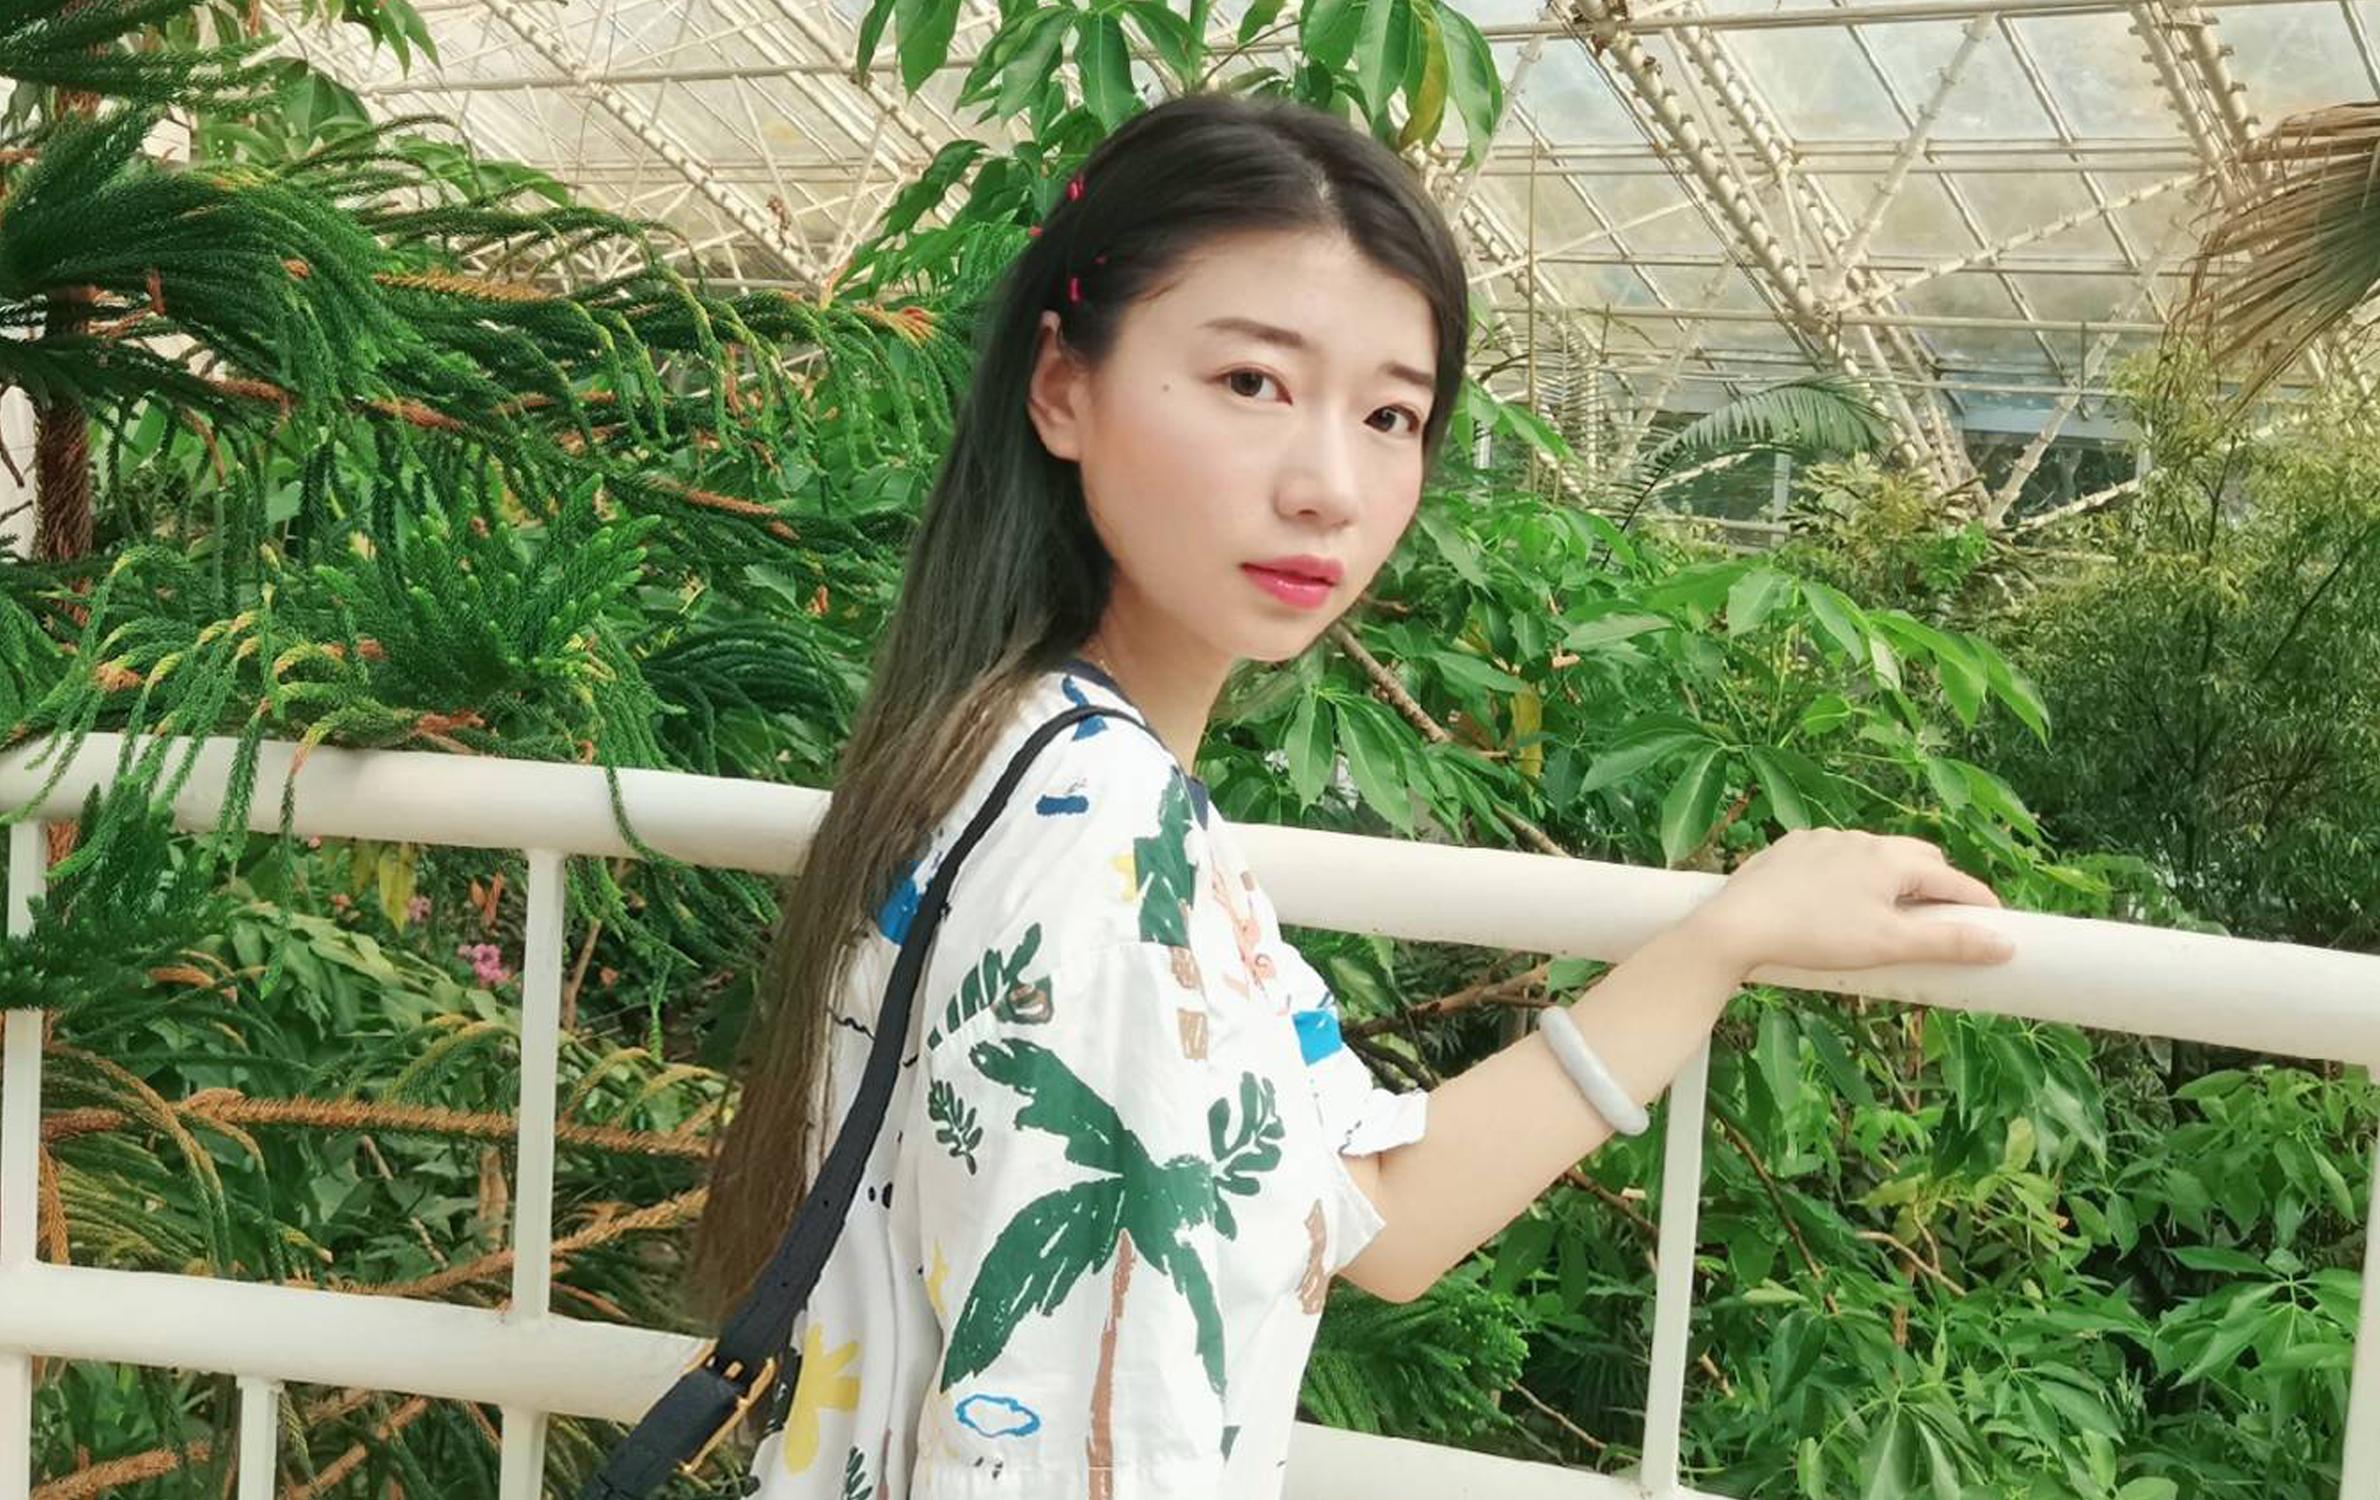 【夏天穿裙子】夏日大作战,花粉女生-花粉俱乐部